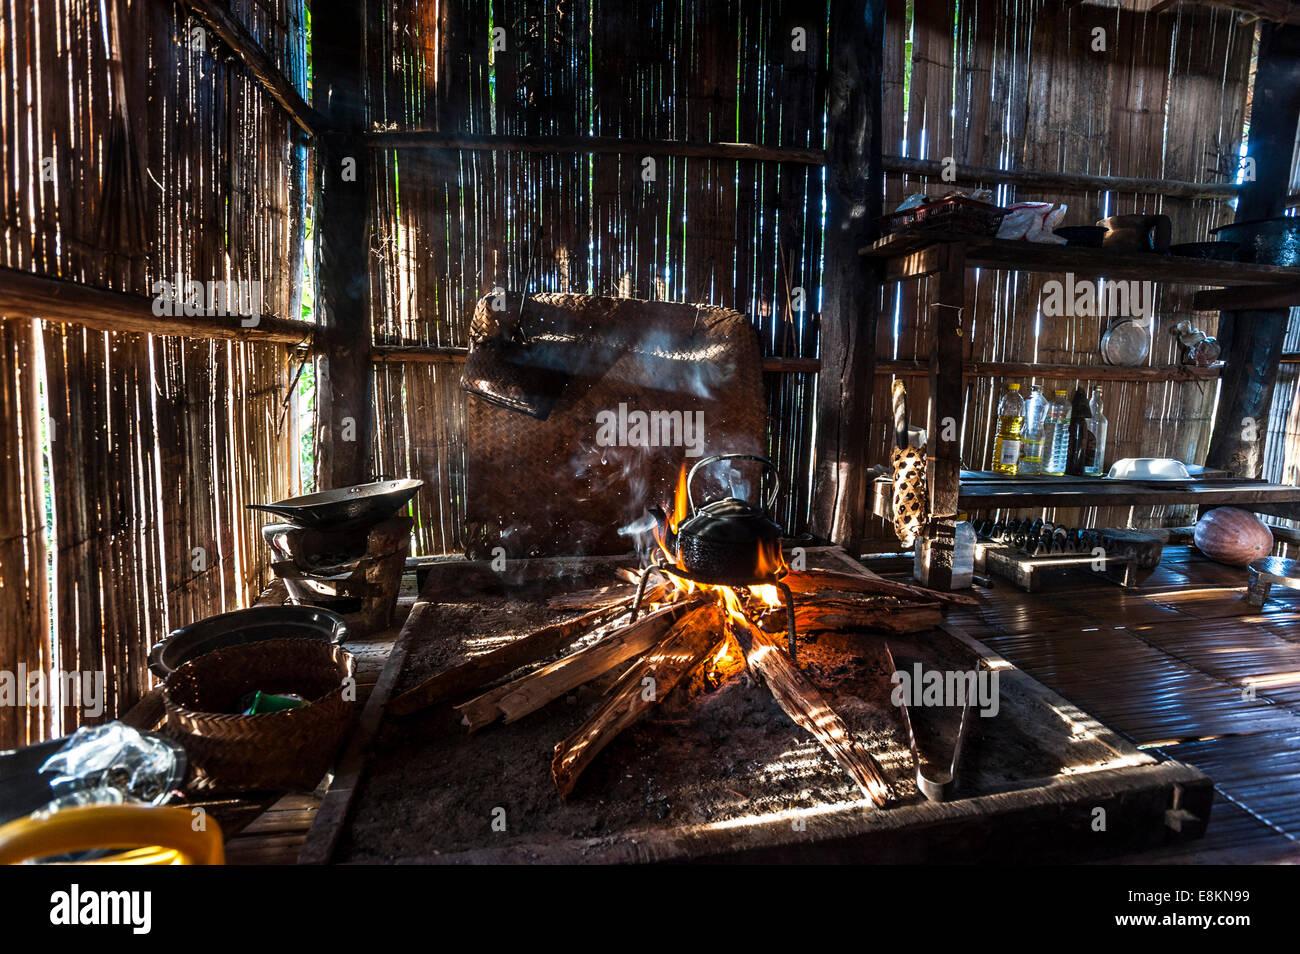 Il bollitore su un fuoco aperto in una cucina fatta di bambù, Lahu village, provincia di Mae Hong Song, Thailandia Immagini Stock